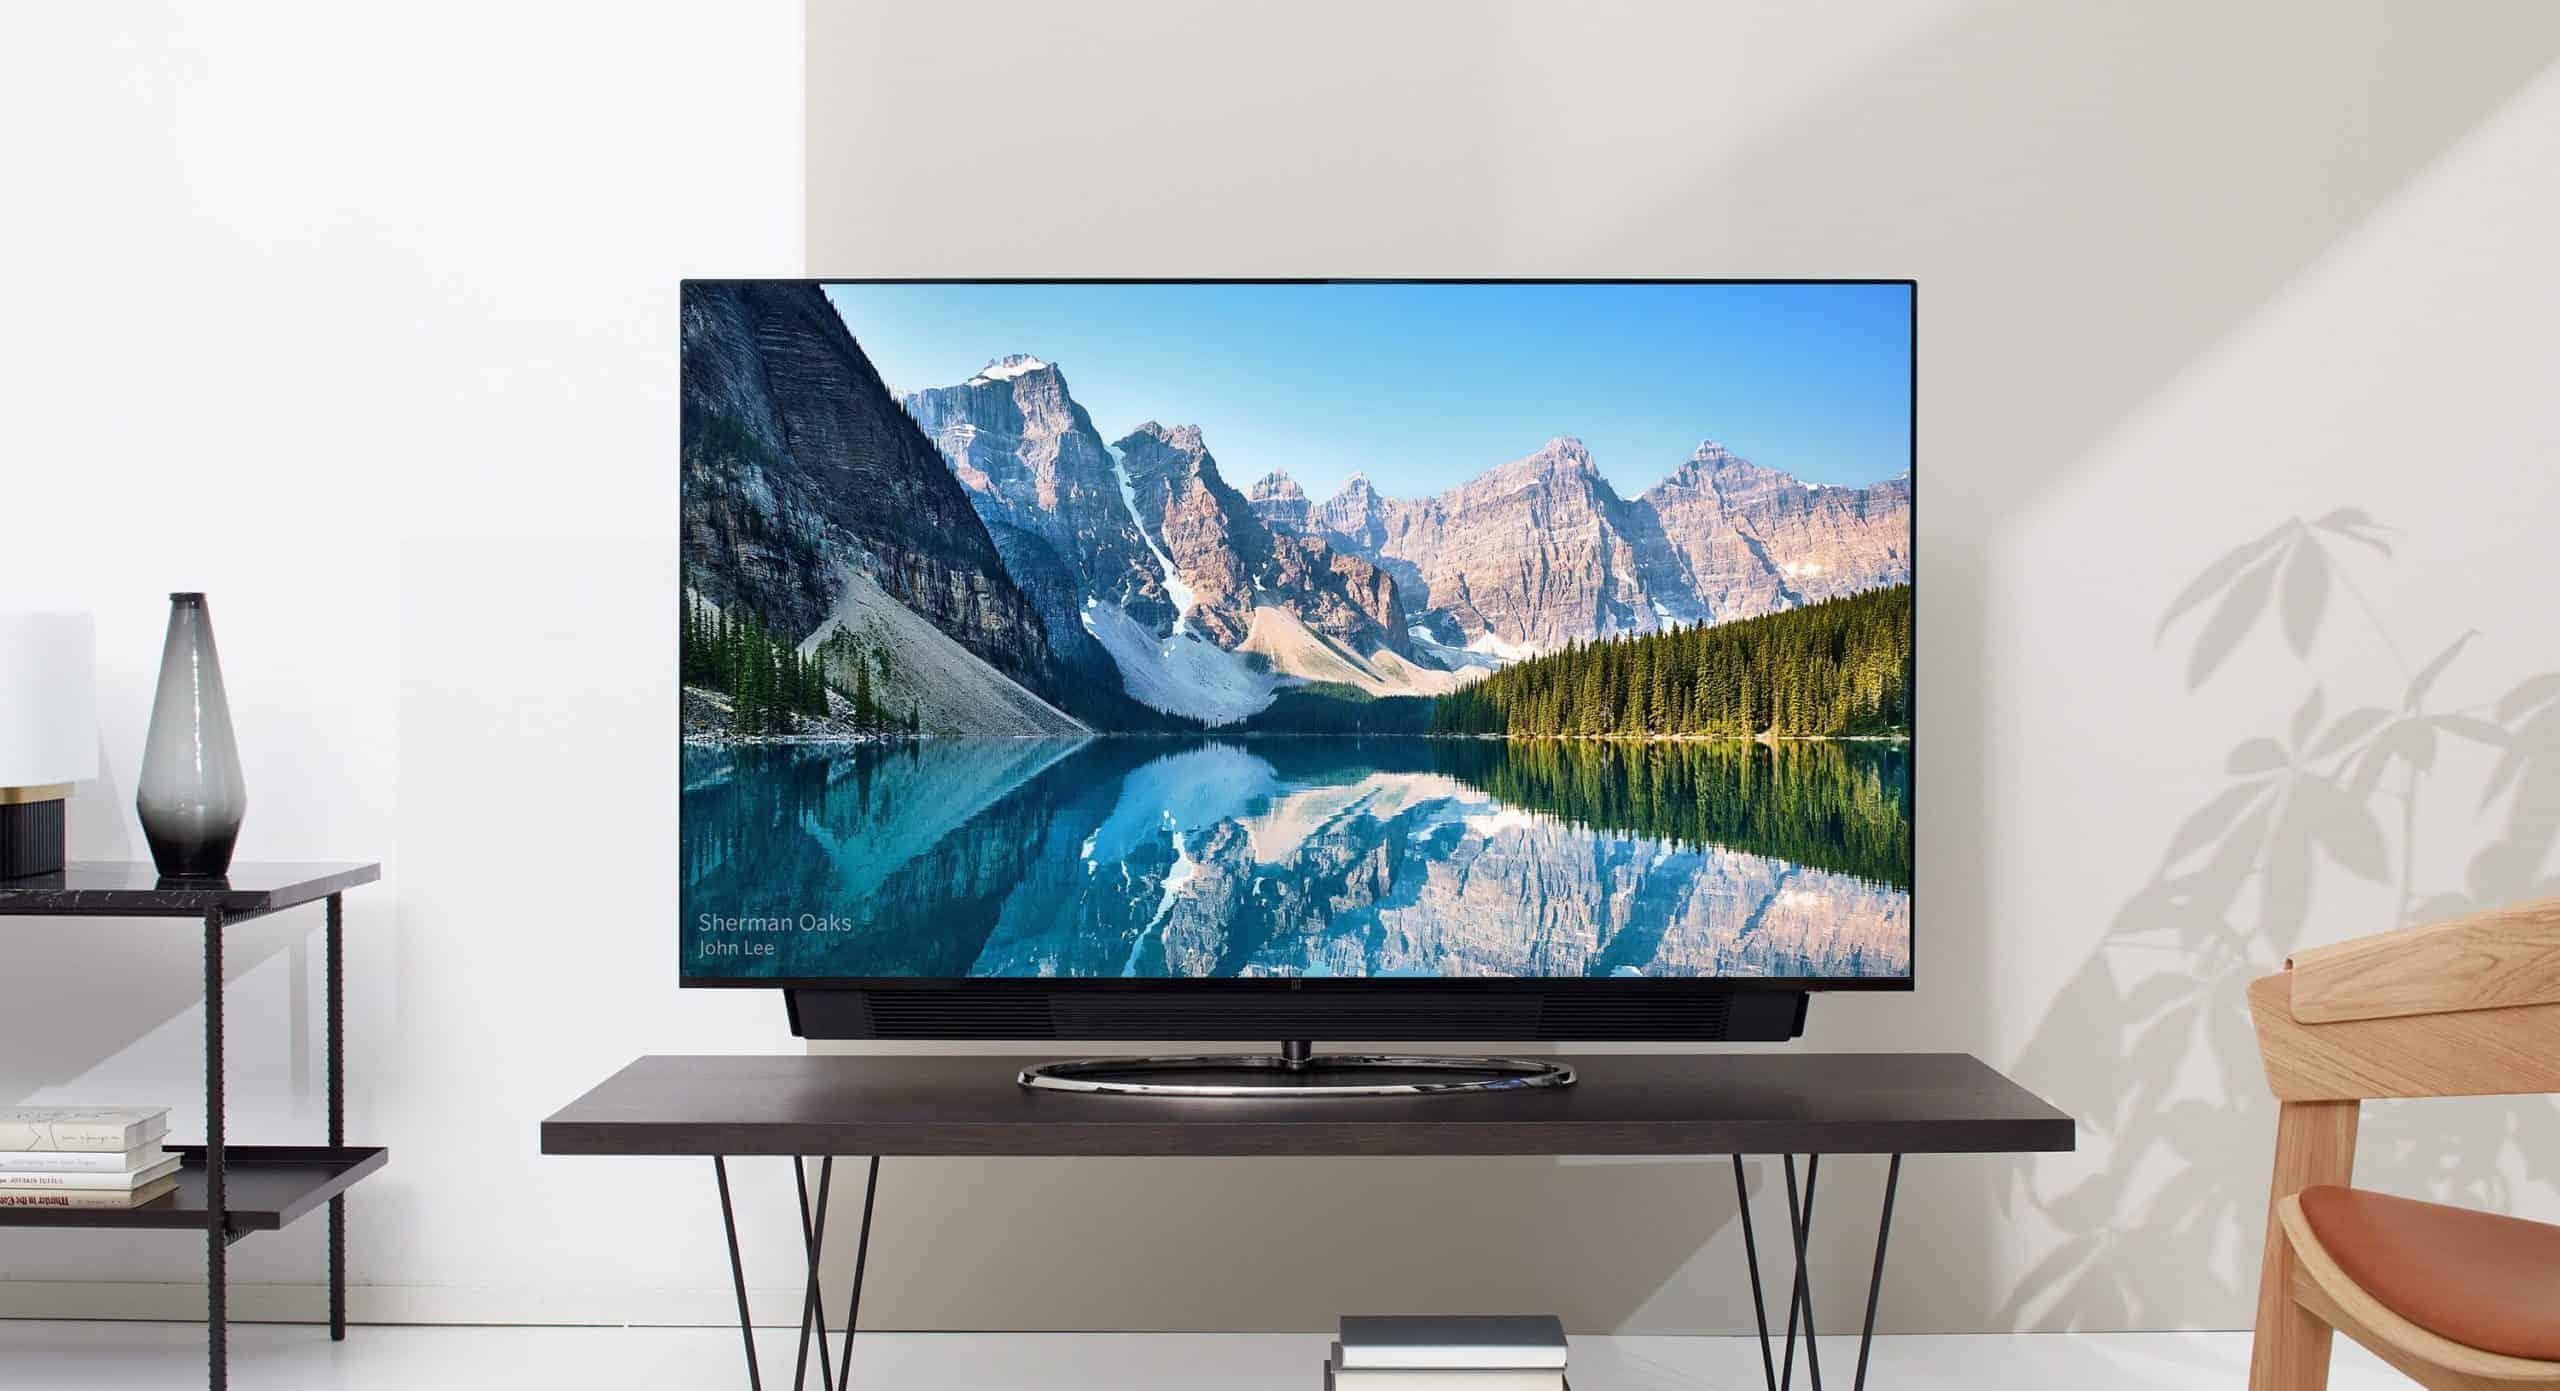 OnePlus TV Q1 Pro image 6